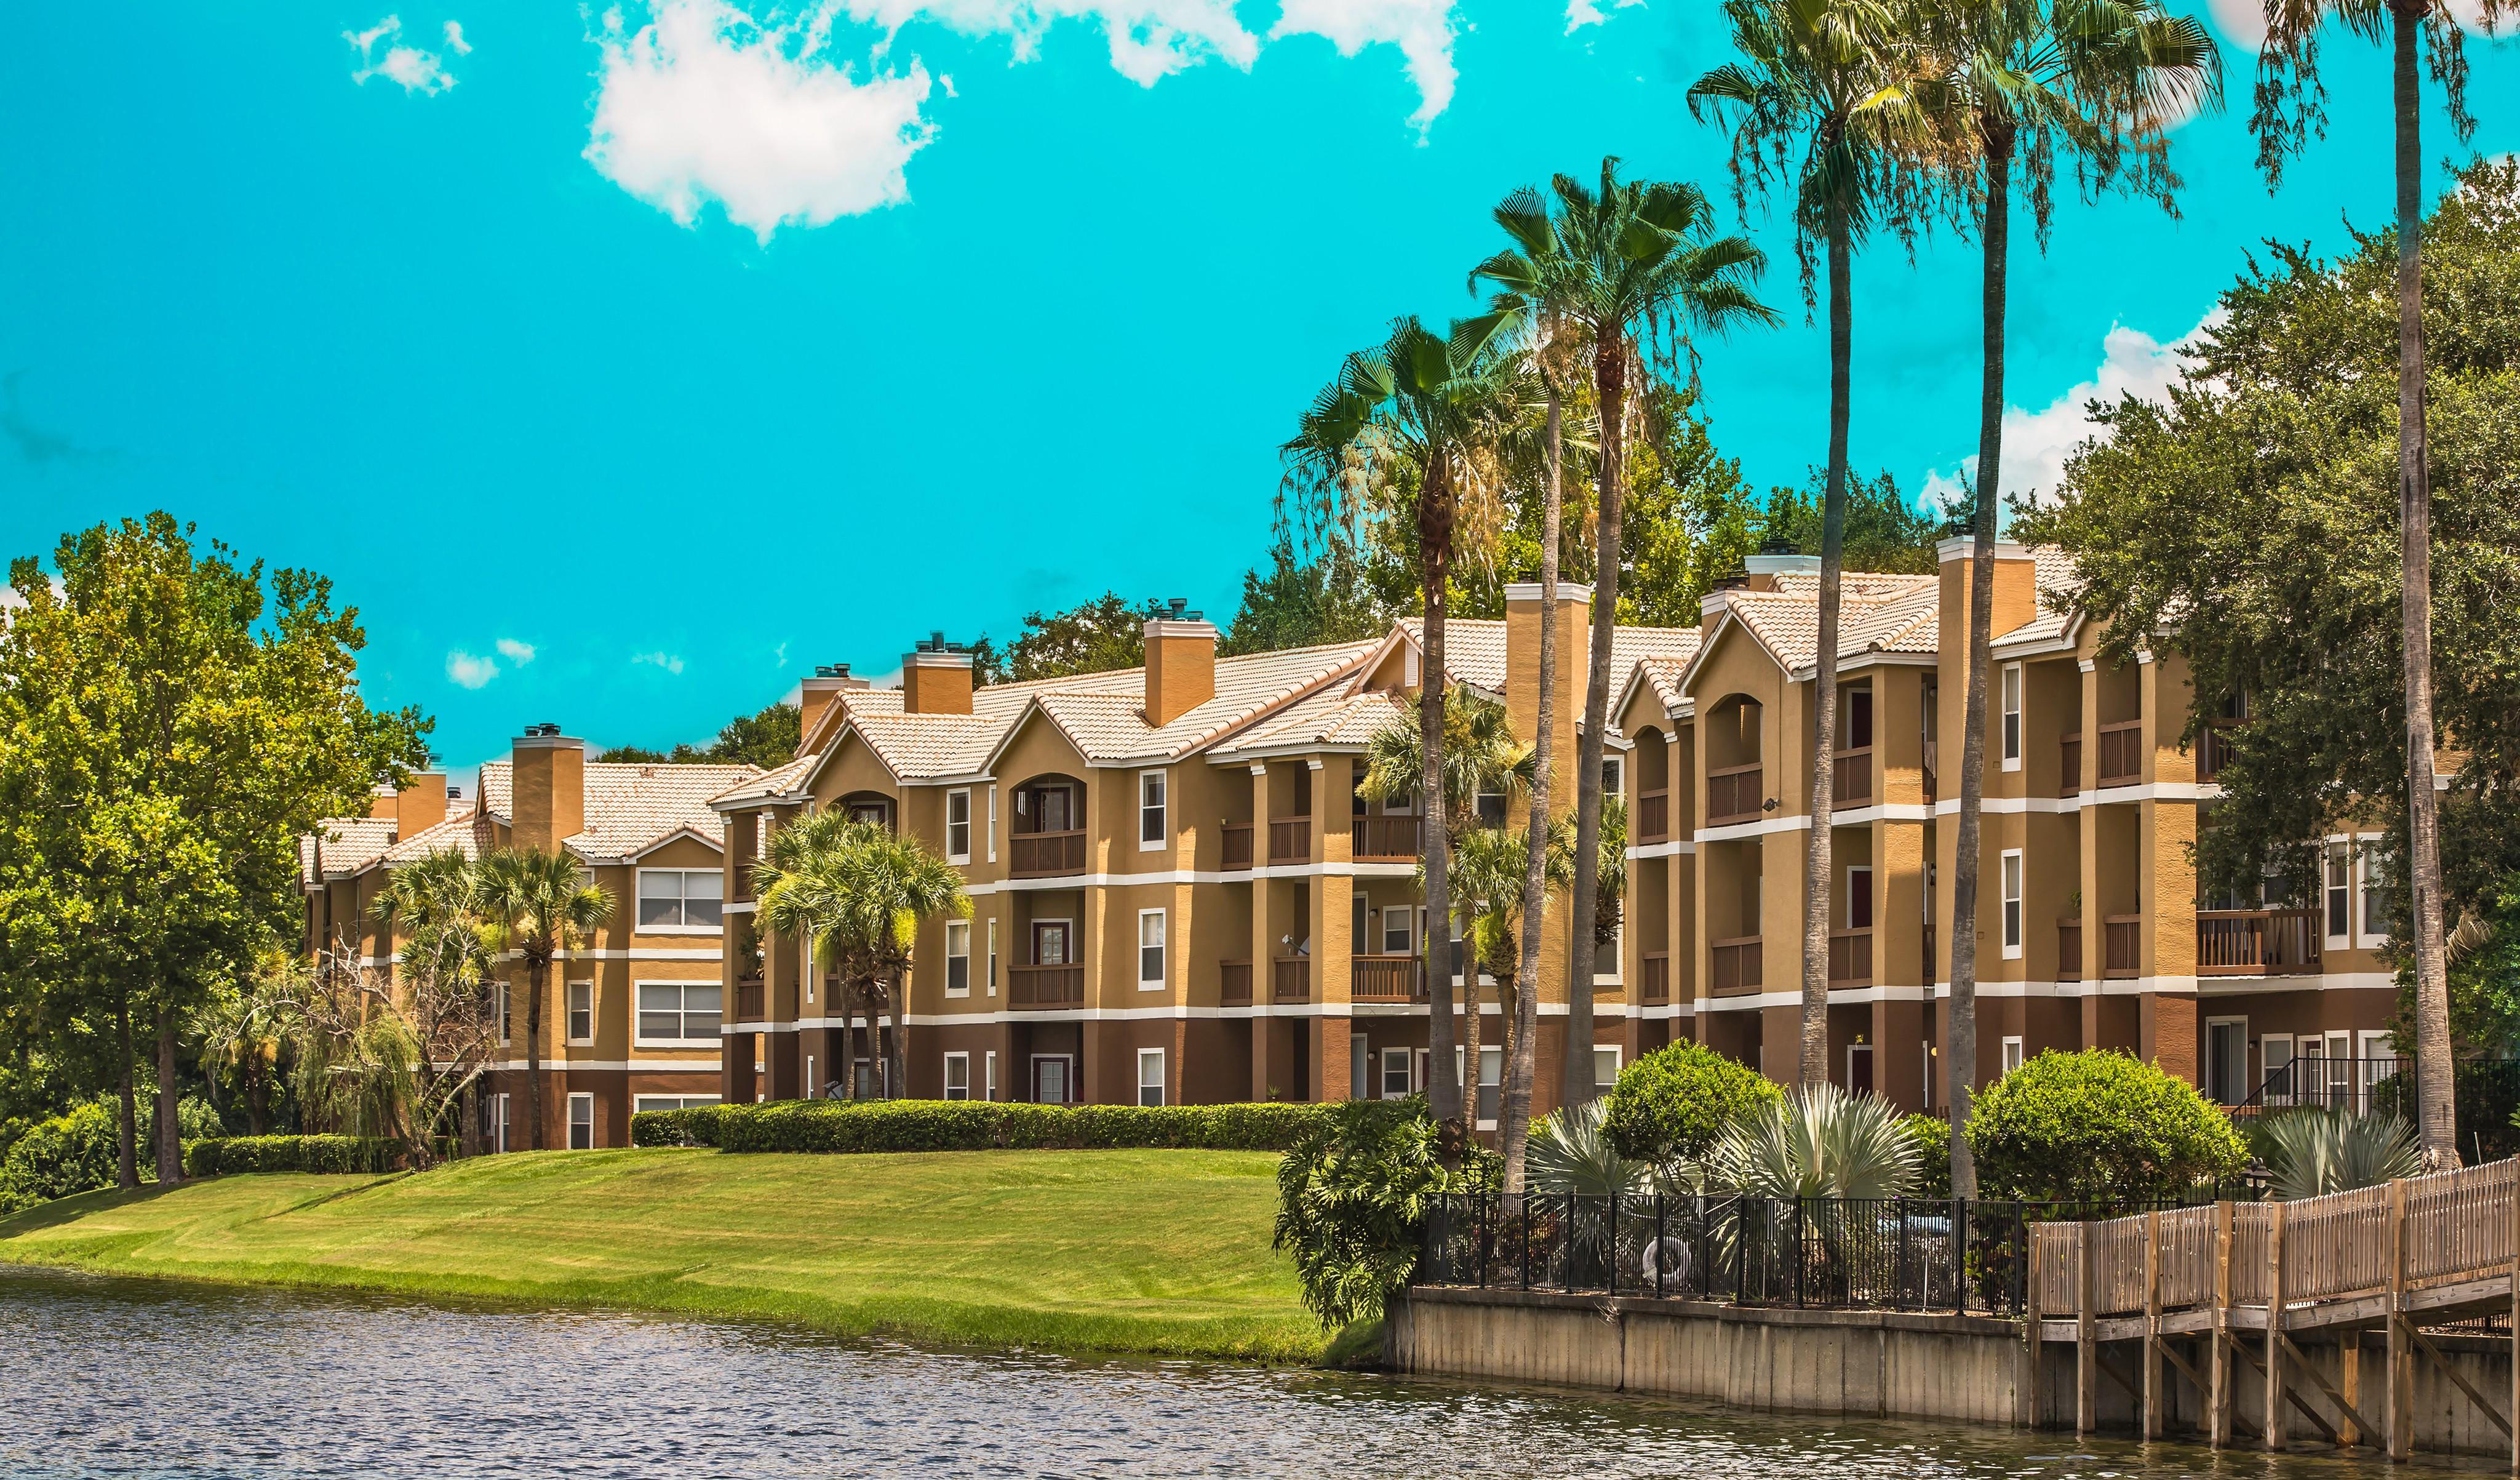 Apartments Near Westside Tech Marina Landing for Westside Tech Students in Winter Garden, FL